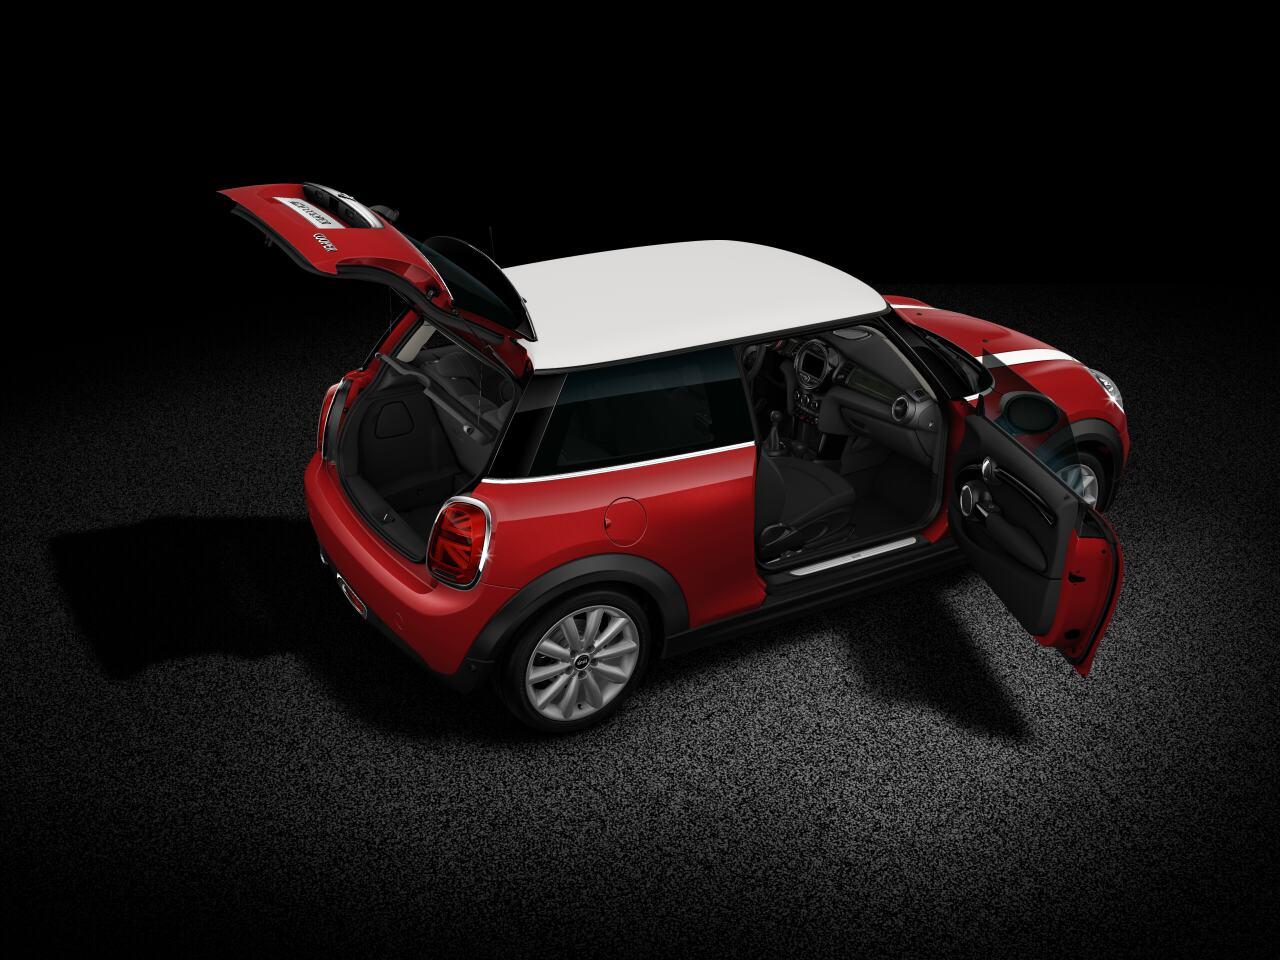 MINI Cooper 3 Door full open body shot